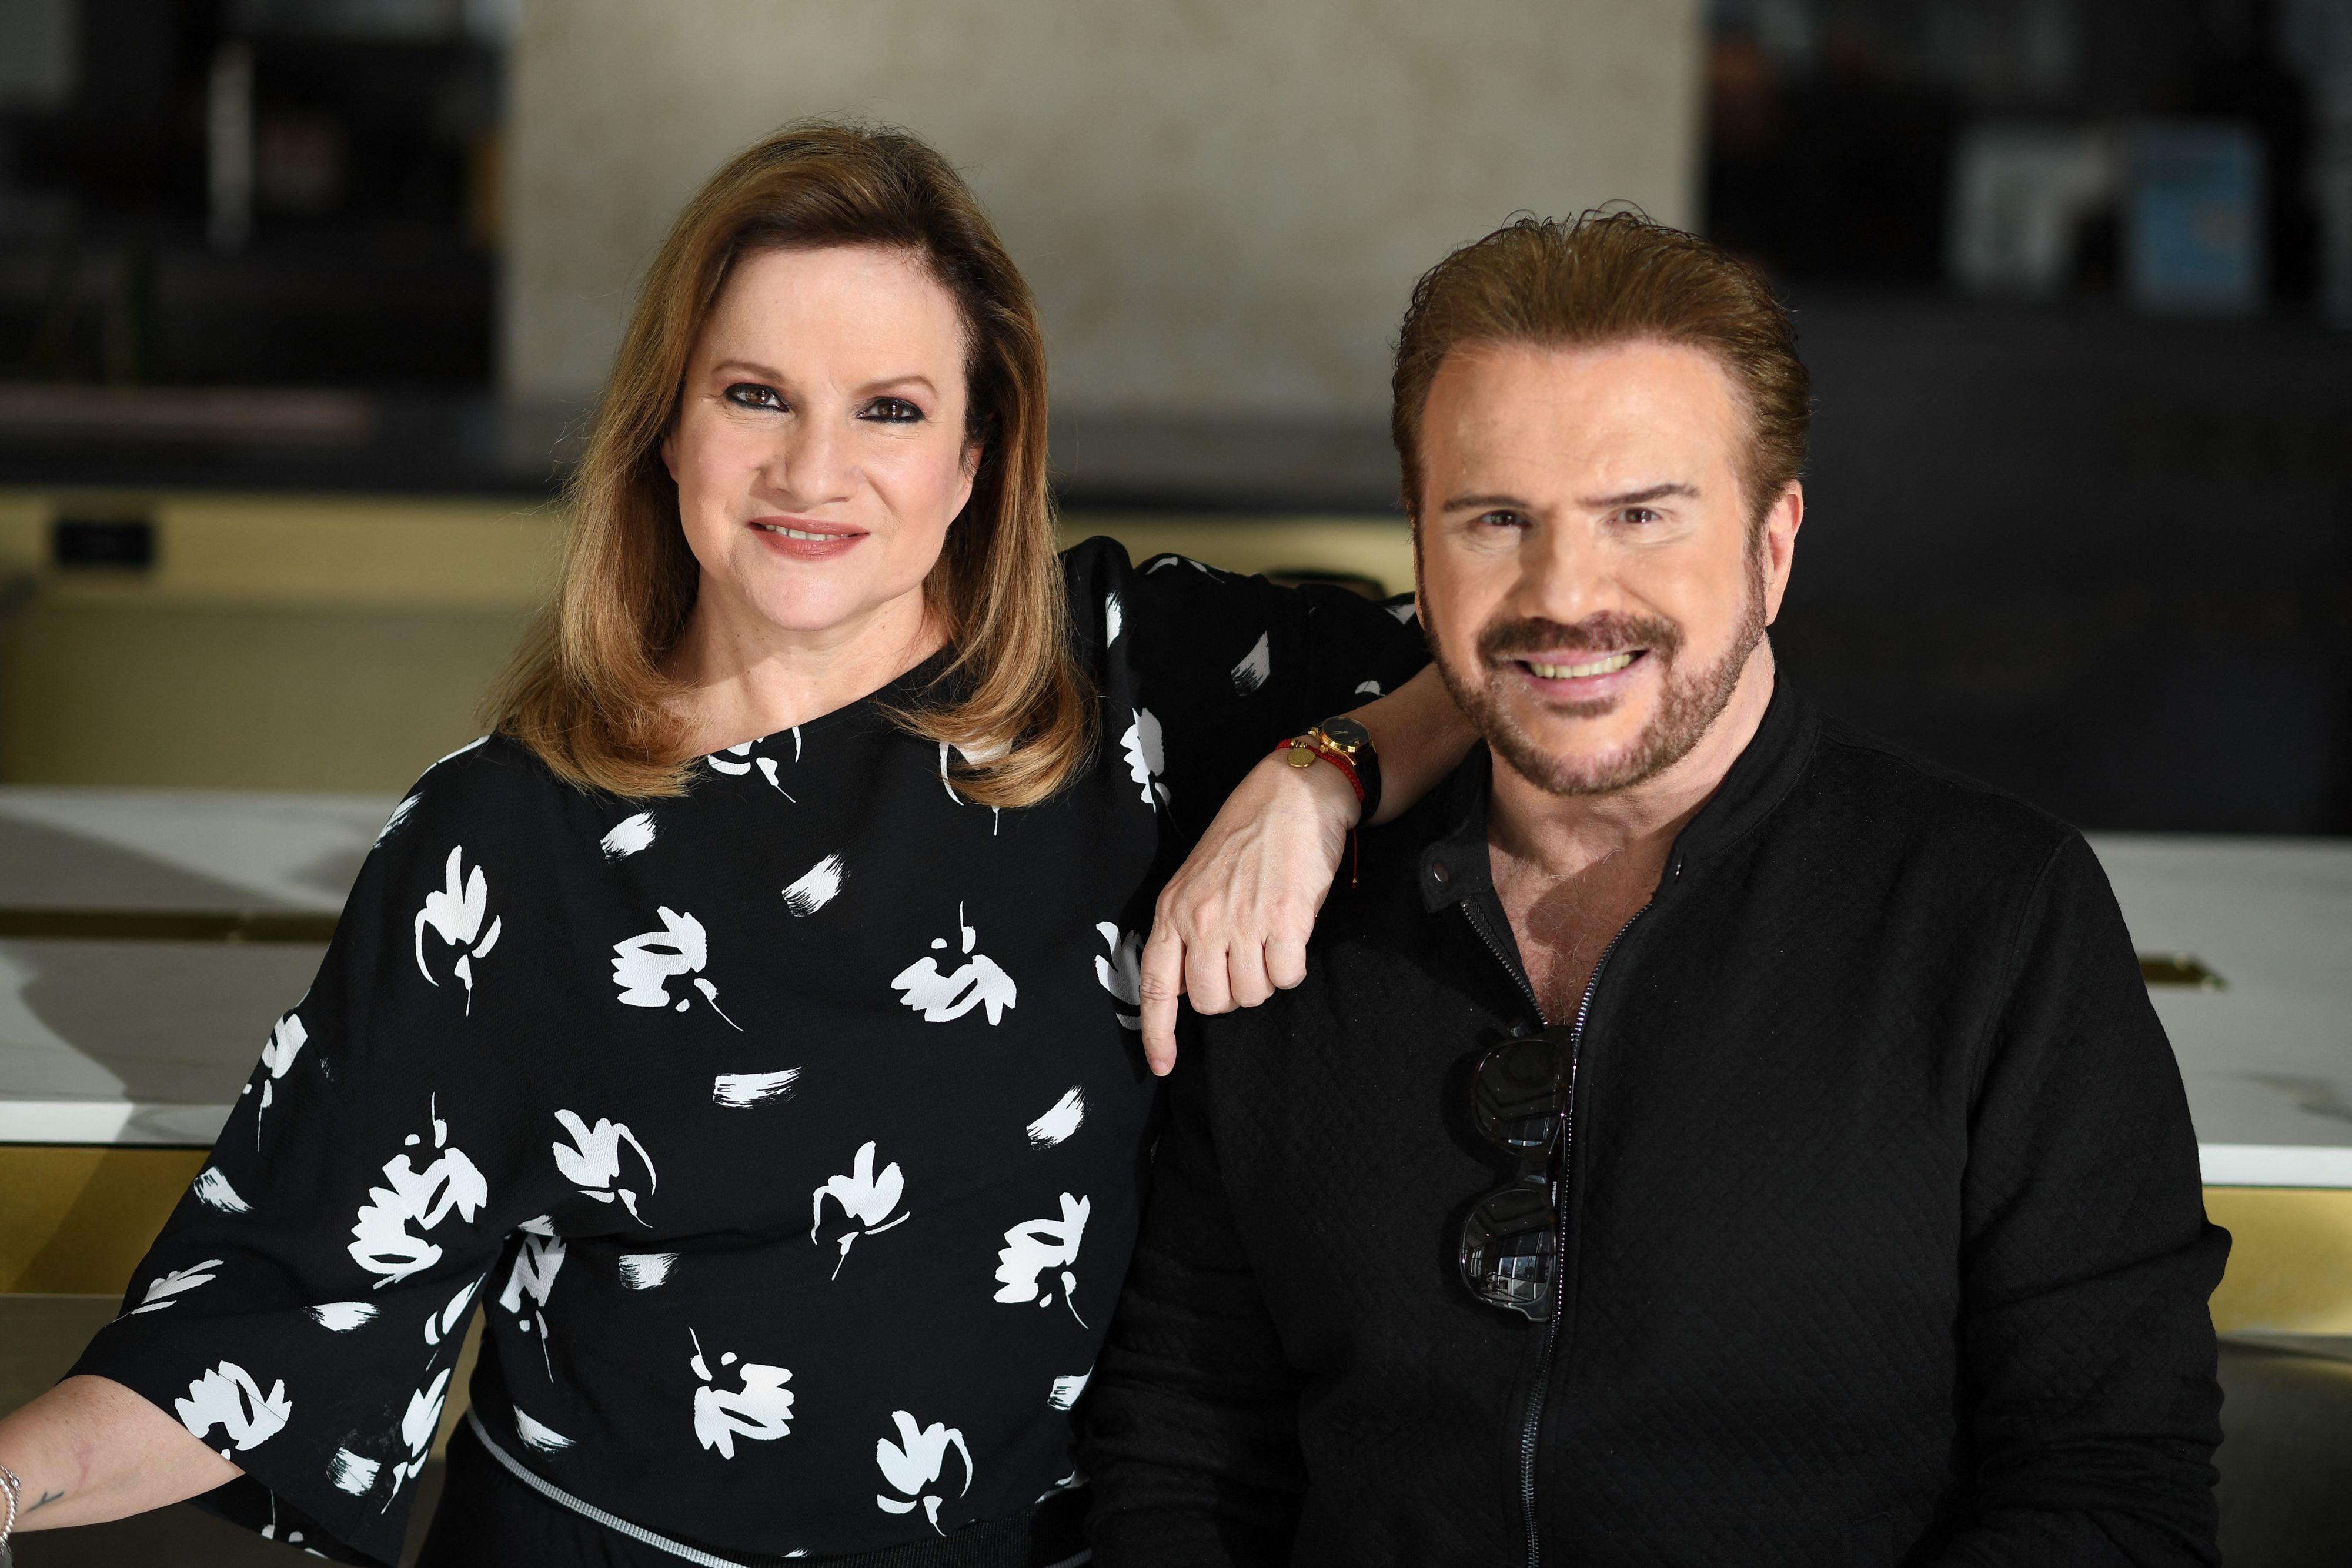 Lucía y Joaquín Galán, del dúo musical argentino Pimpinela, posan durante una sesión de fotos en Glendale, California, el 18 de octubre de 2021.